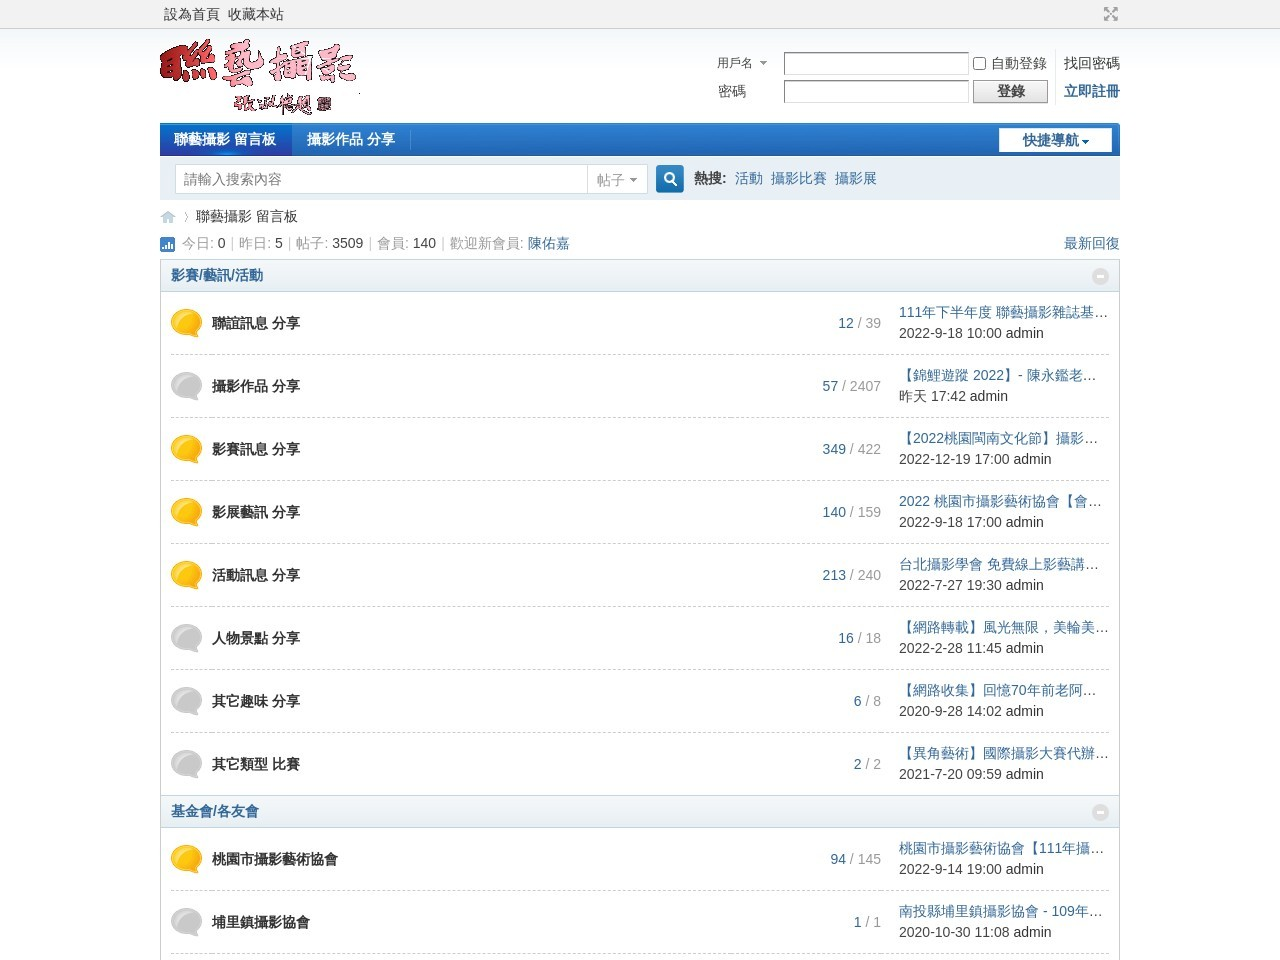 一日網紅【臺北大縱走 - 讓你Show】影片徵選 6/1~10/31 [總獎金46萬]